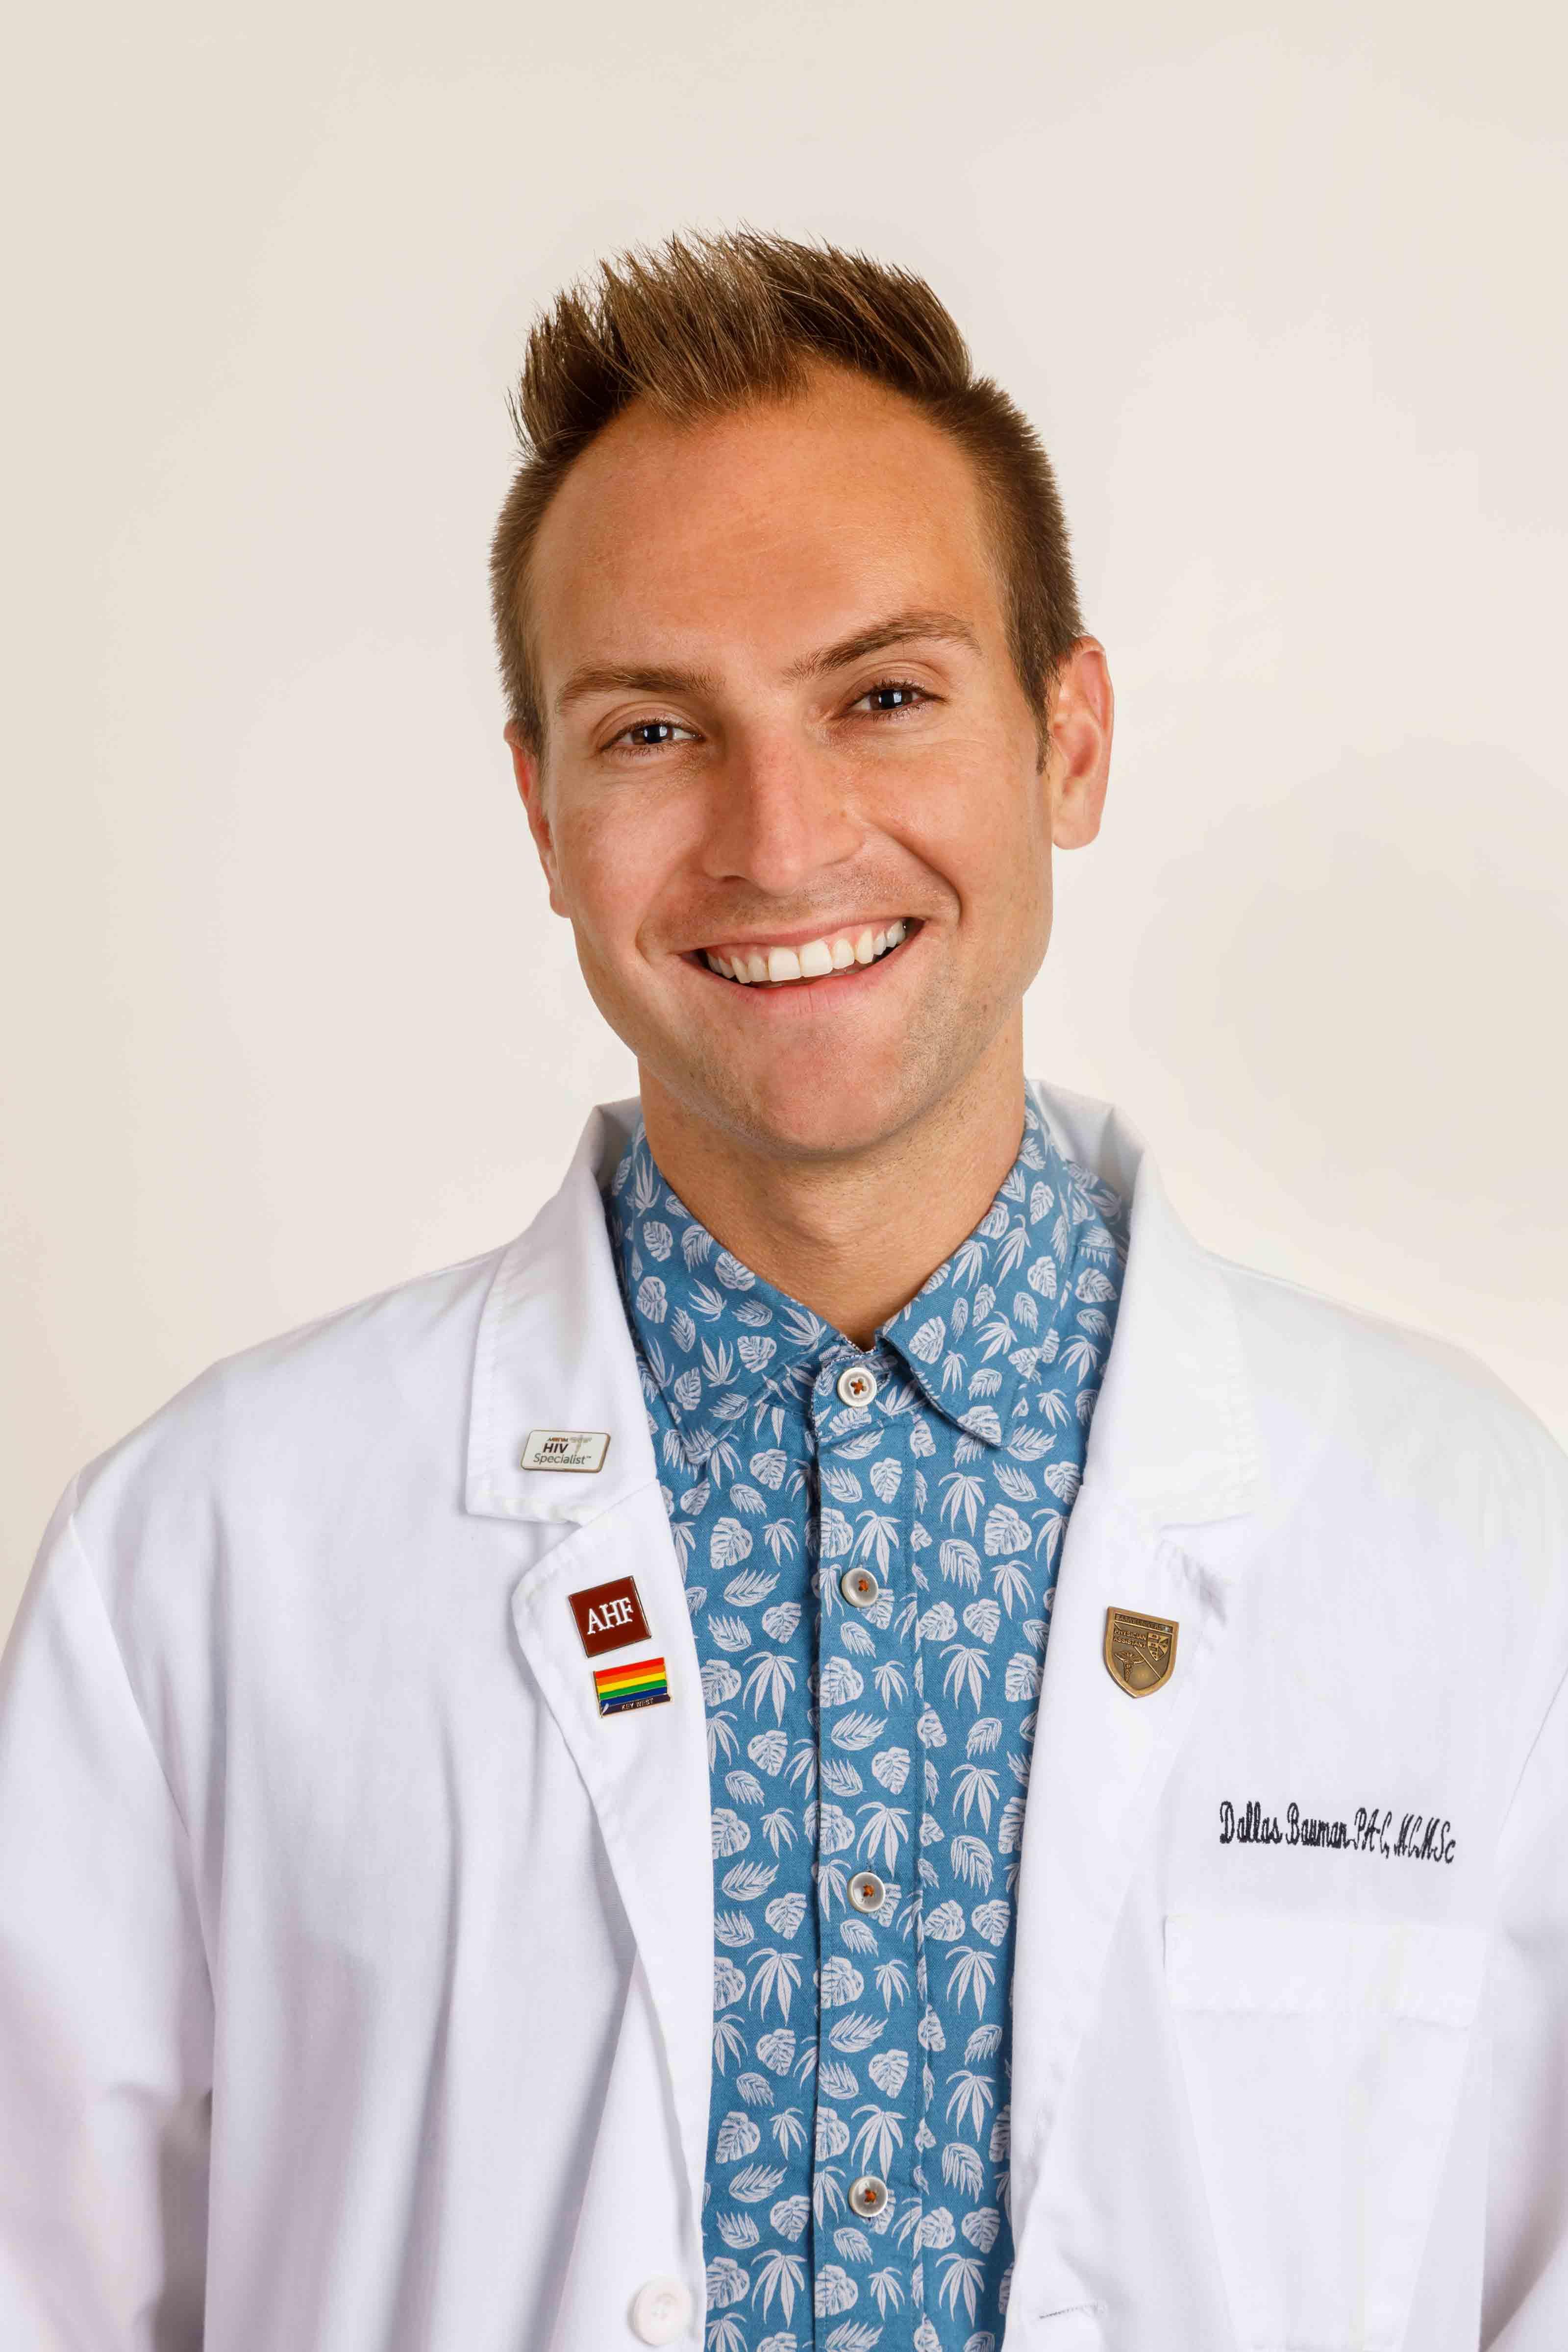 Dallas Bauman, P A  • HIVcare org